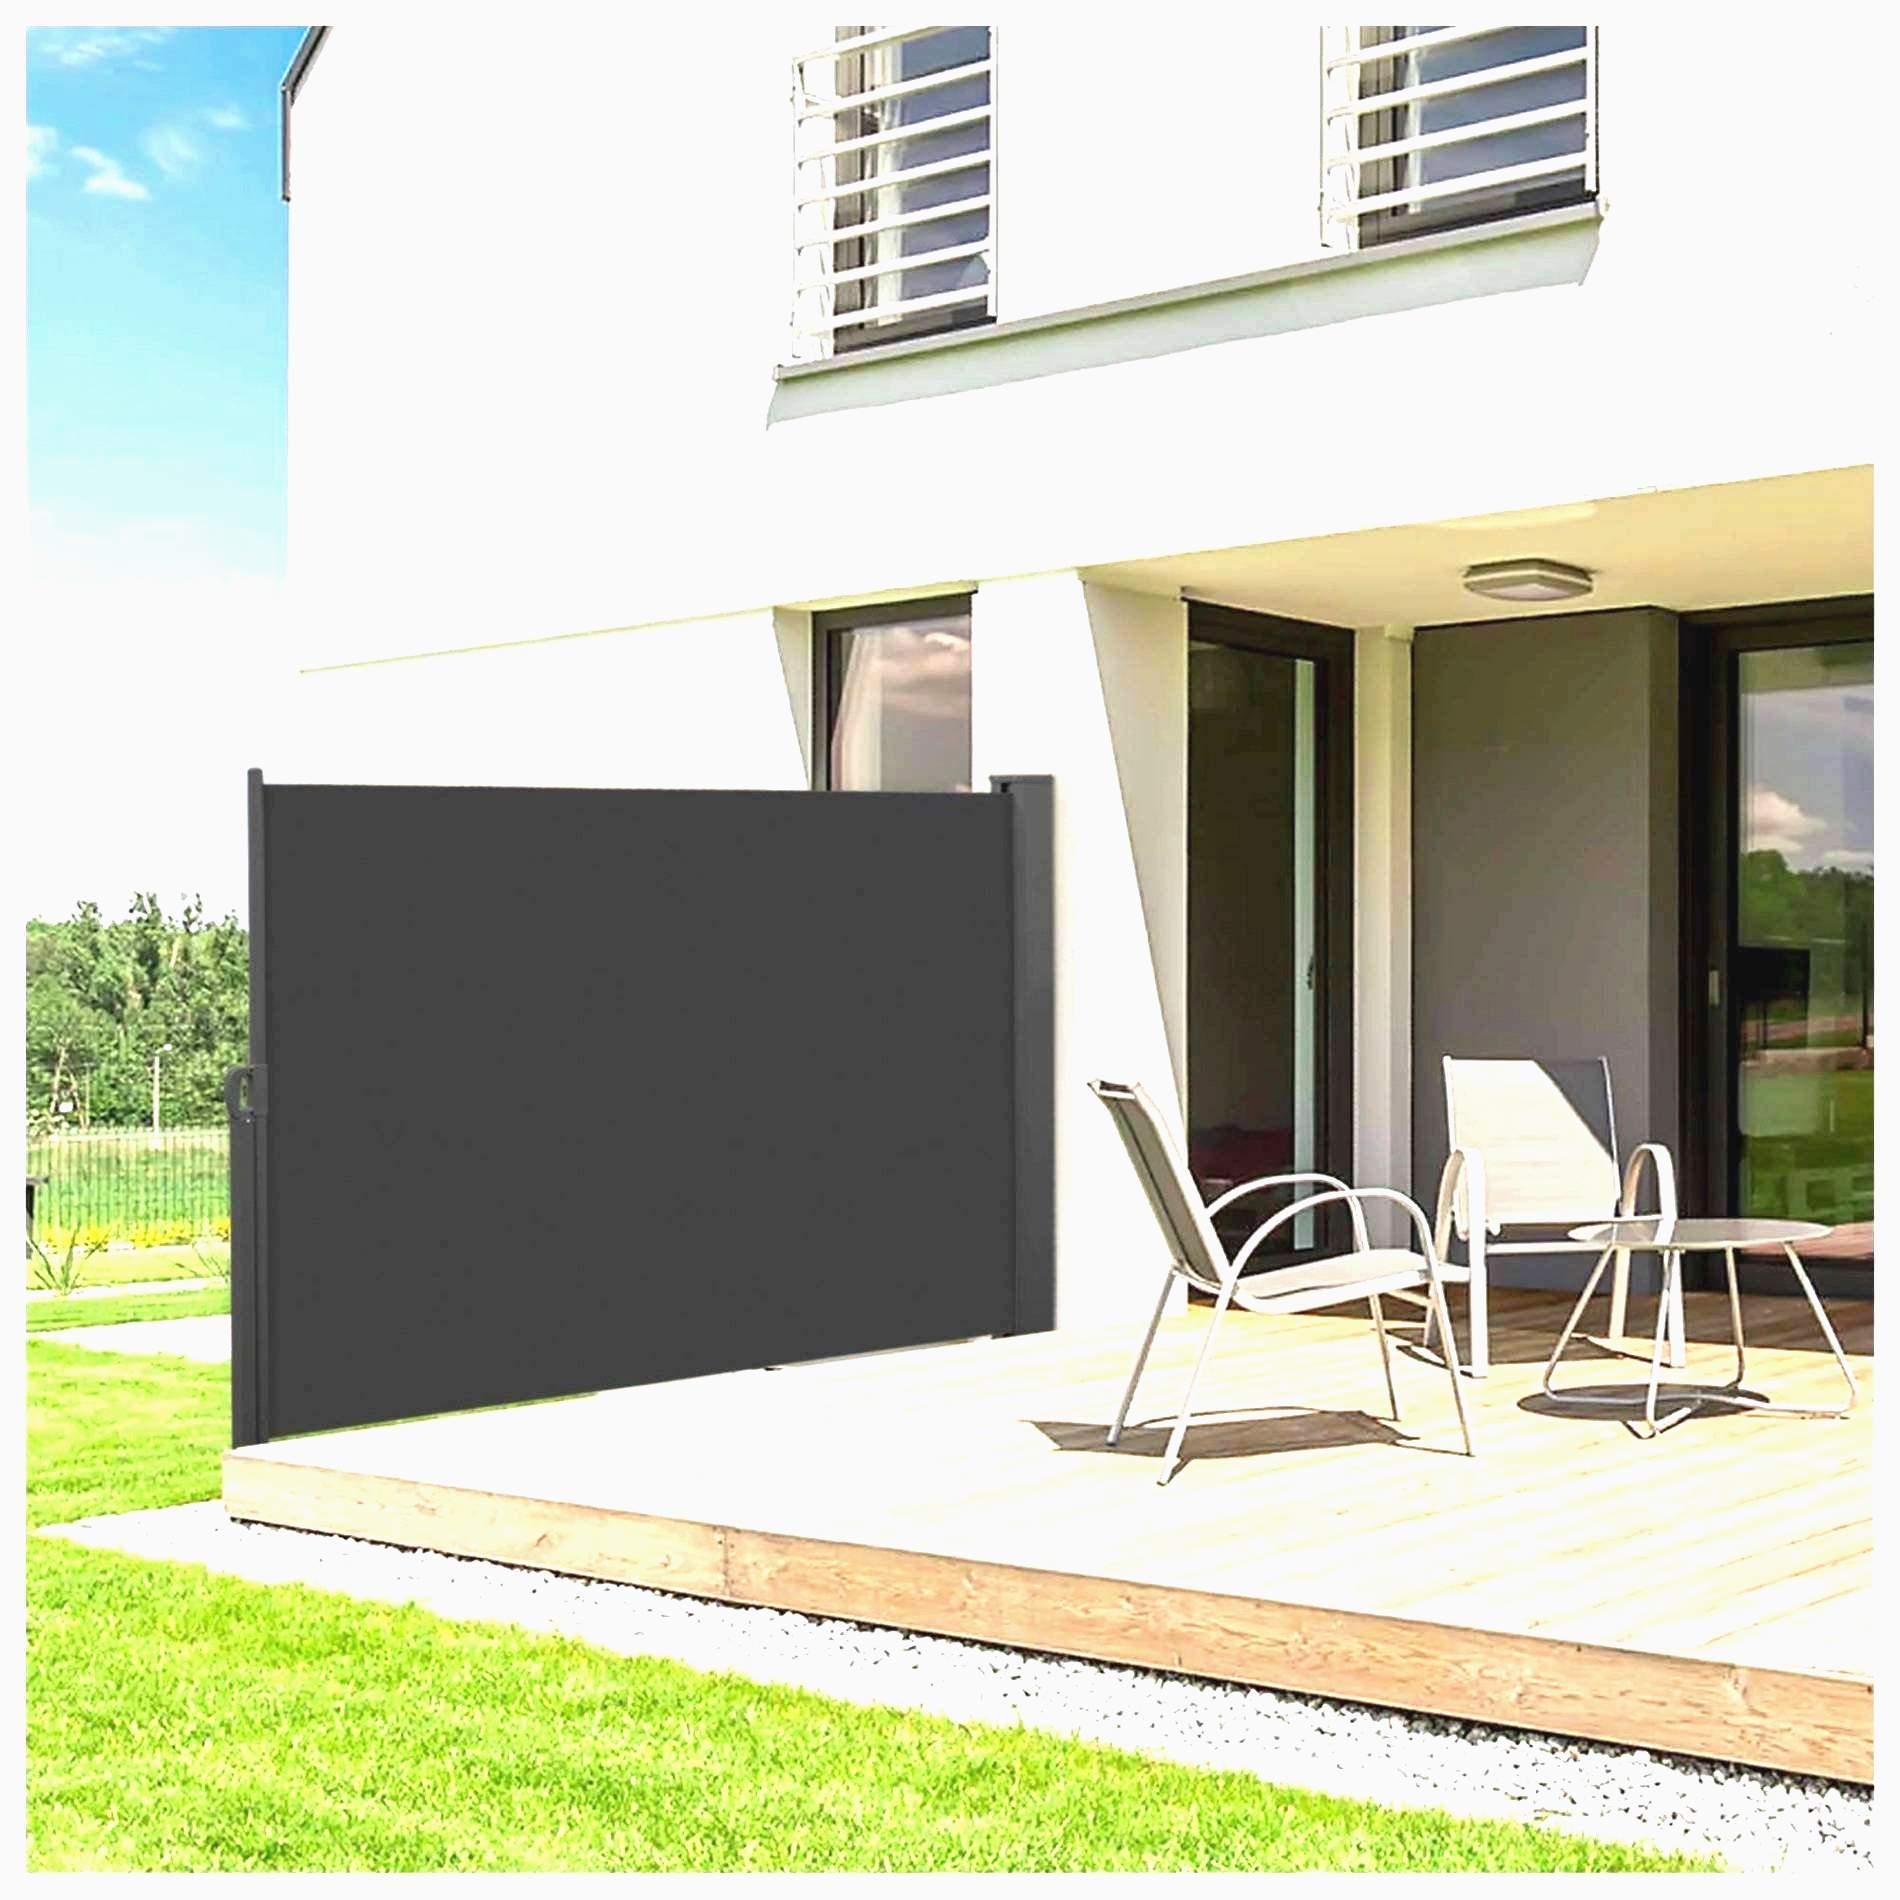 wohnzimmer holz genial holz auf terrasse terrassengestaltung sichtschutz 0d zum of wohnzimmer holz